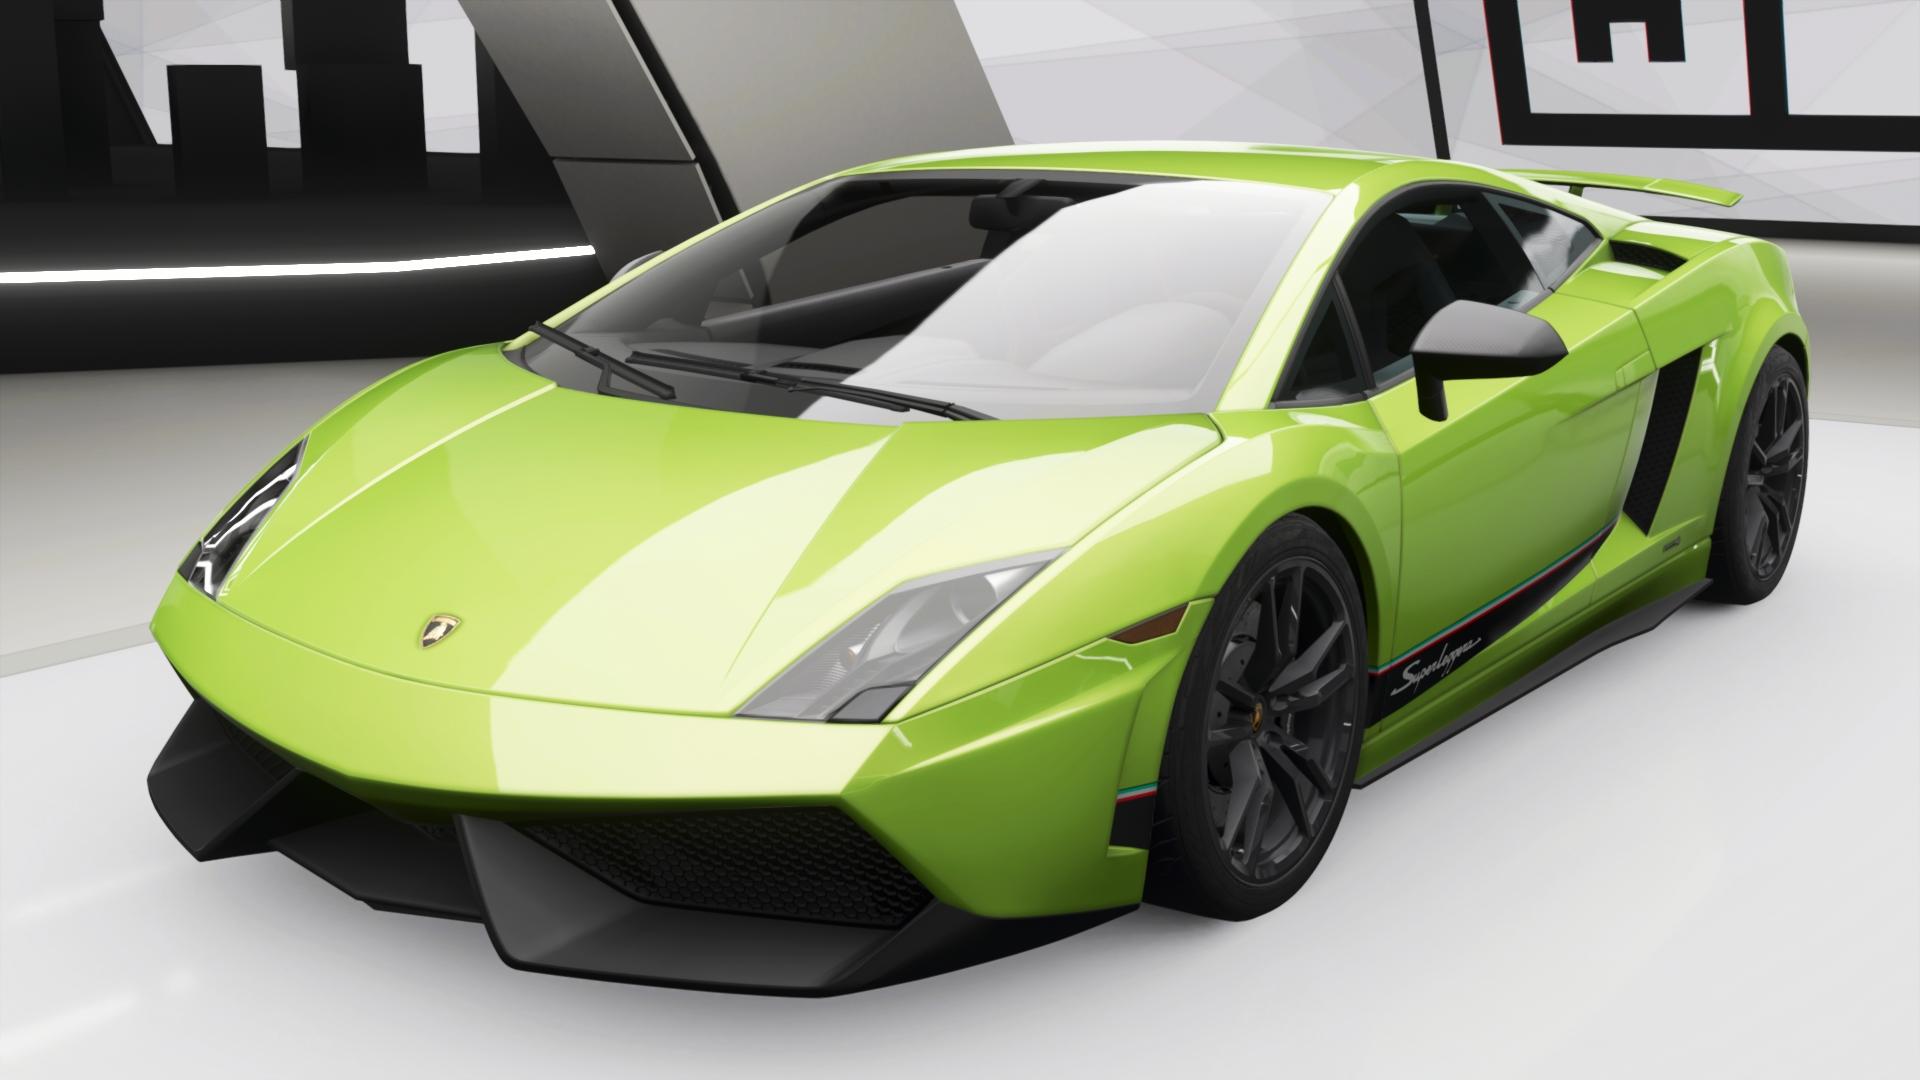 Lamborghini Gallardo Lp 570 4 Superleggera Forza Motorsport Wiki